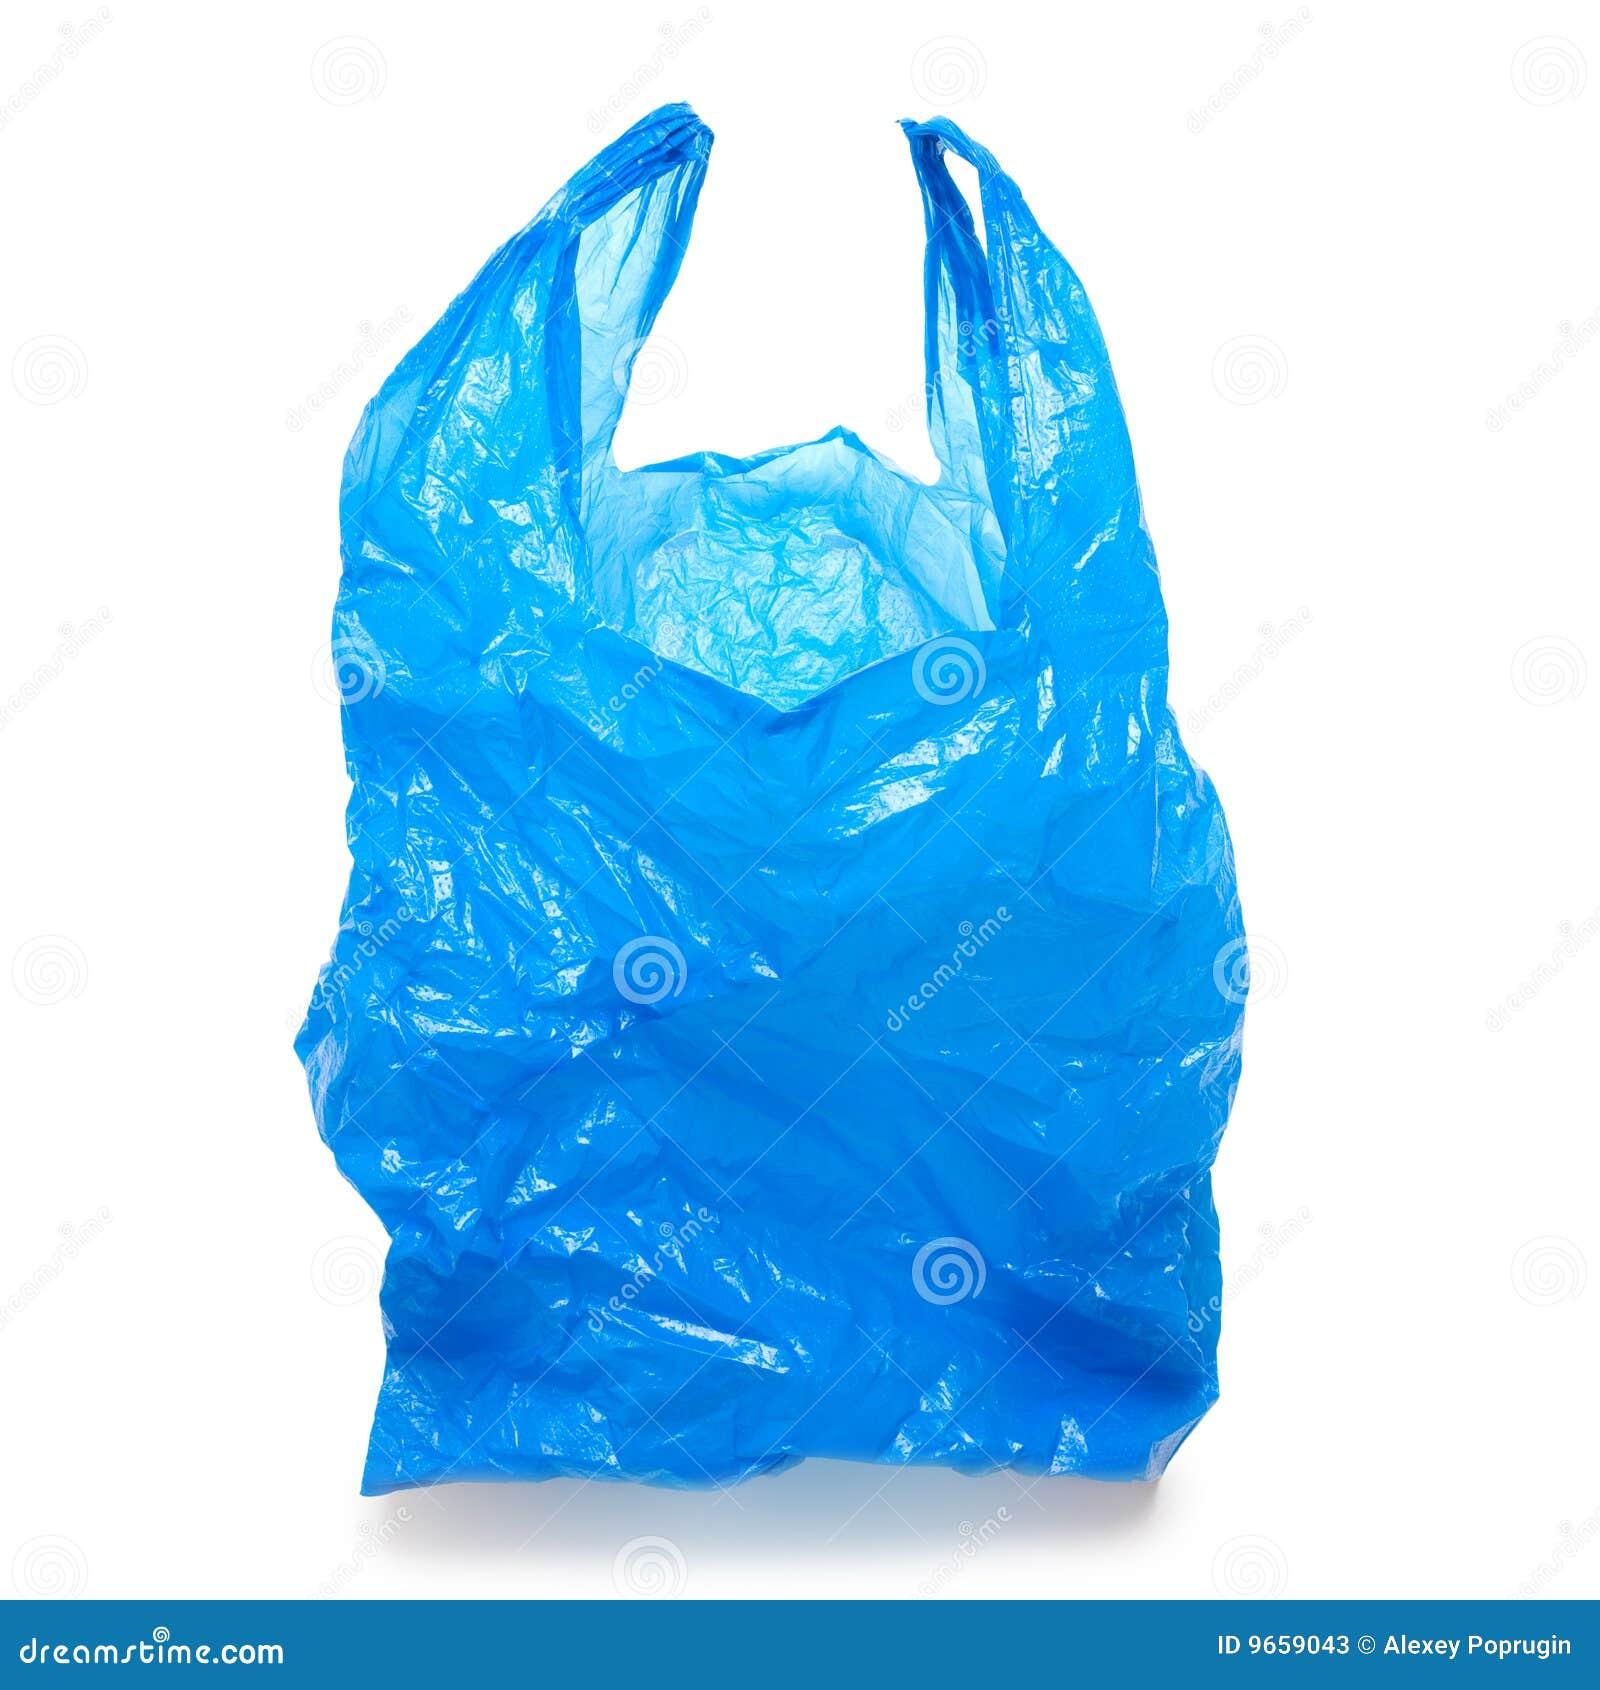 Plastic bag